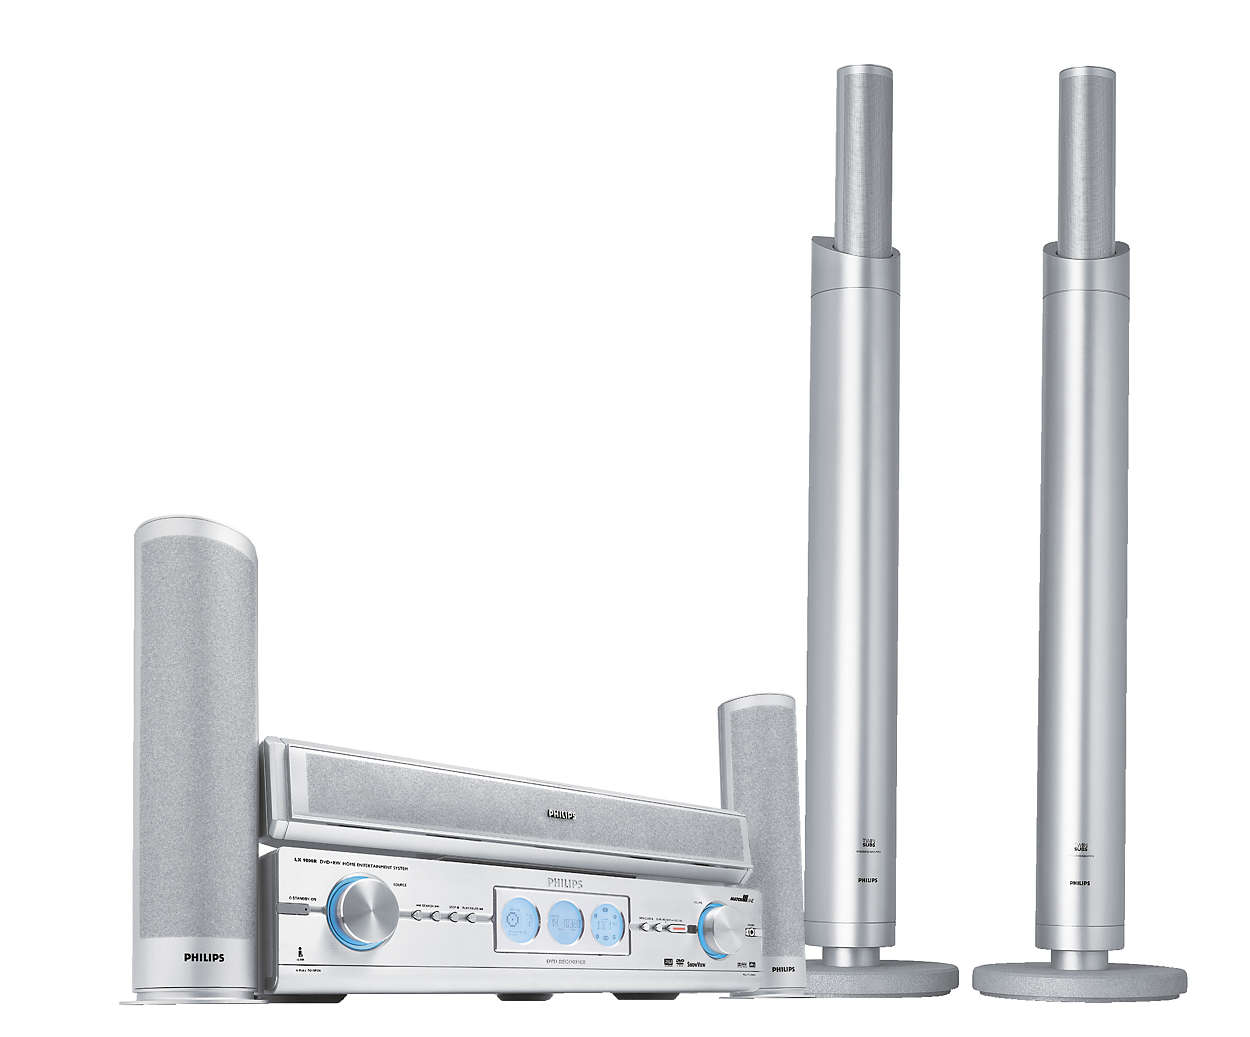 Nejnovější technologie DVD, nahrávání a zvuku